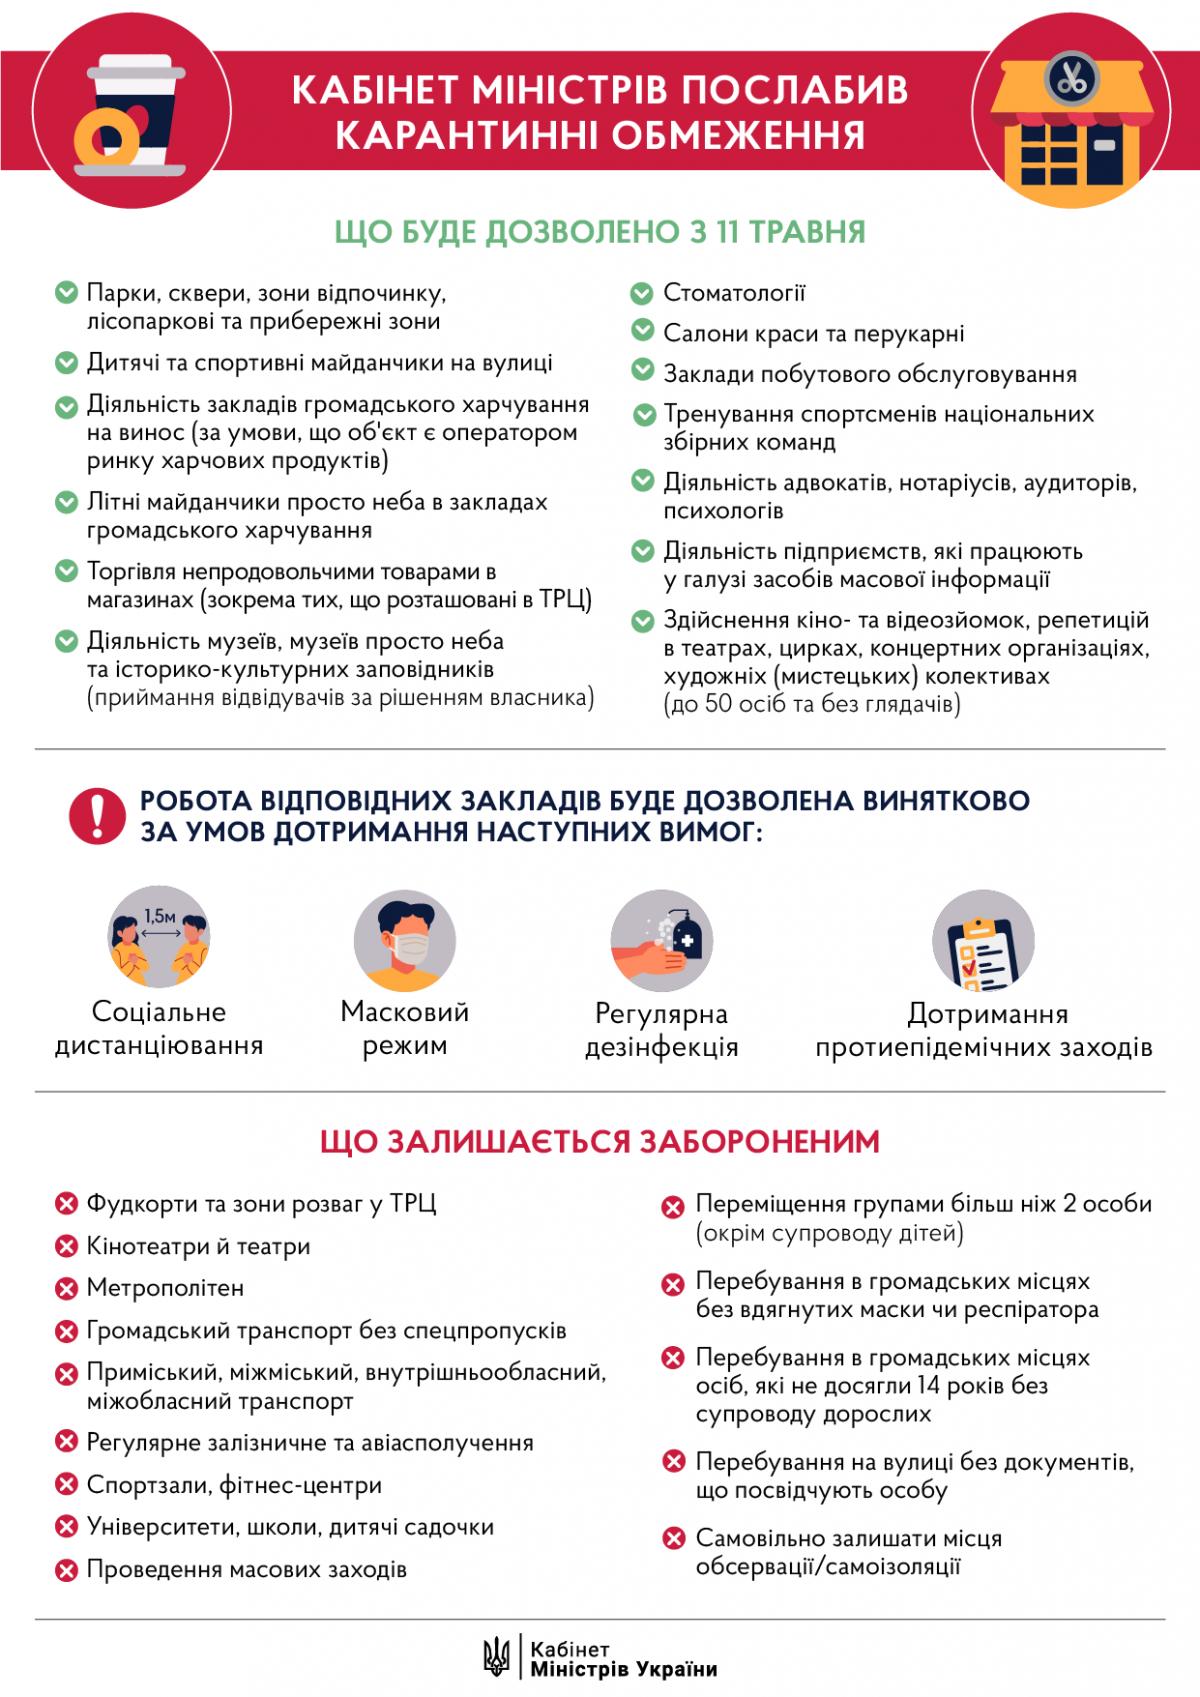 Инфографика / Пресс-служба Кабмина